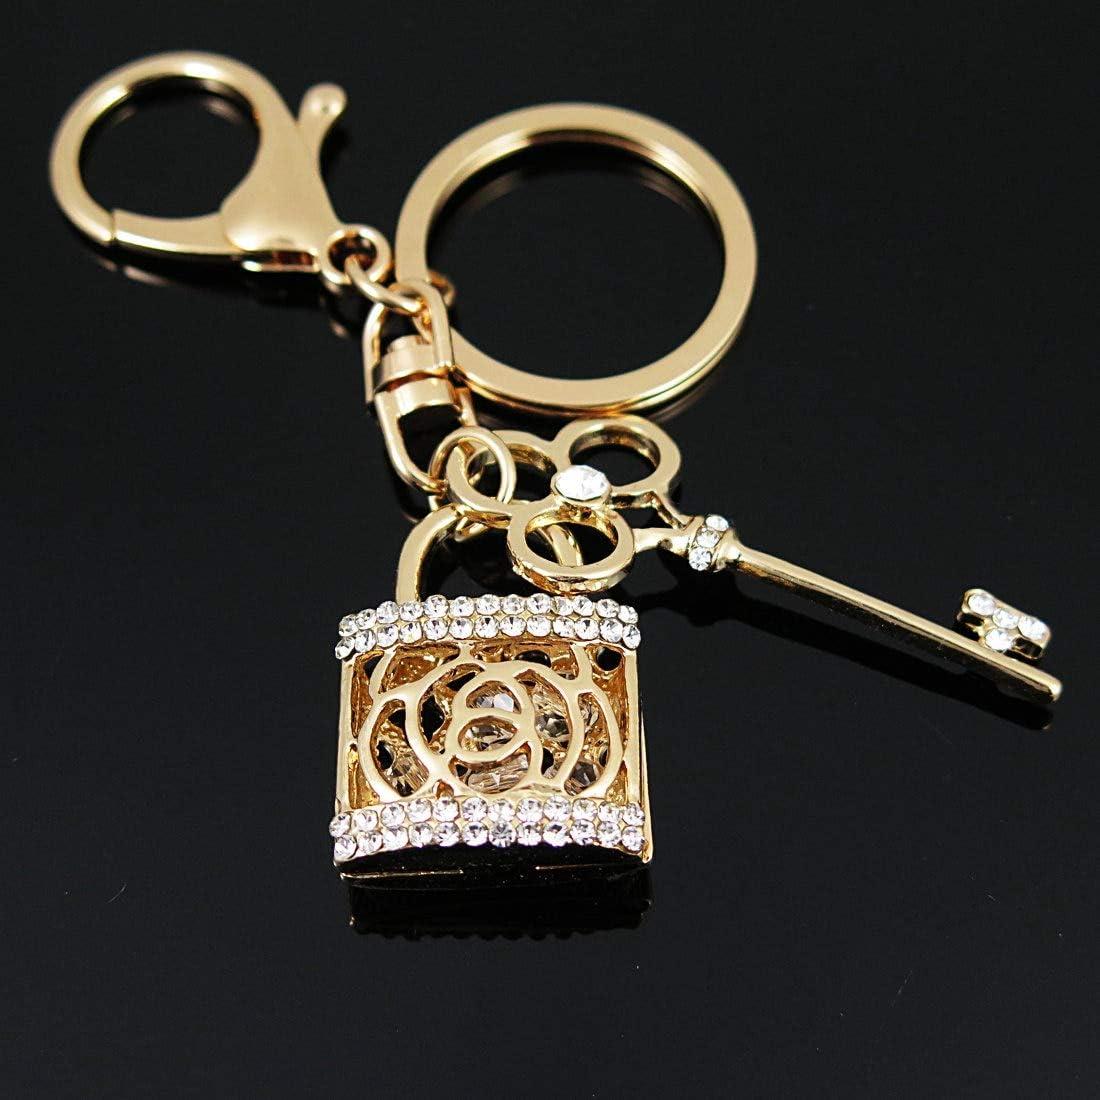 Aleación De Zinc Rhinestone Crystal Heart Keychain Love Lock Llavero Hombre / Amantes Colgante Llavero: Amazon.es: Juguetes y juegos